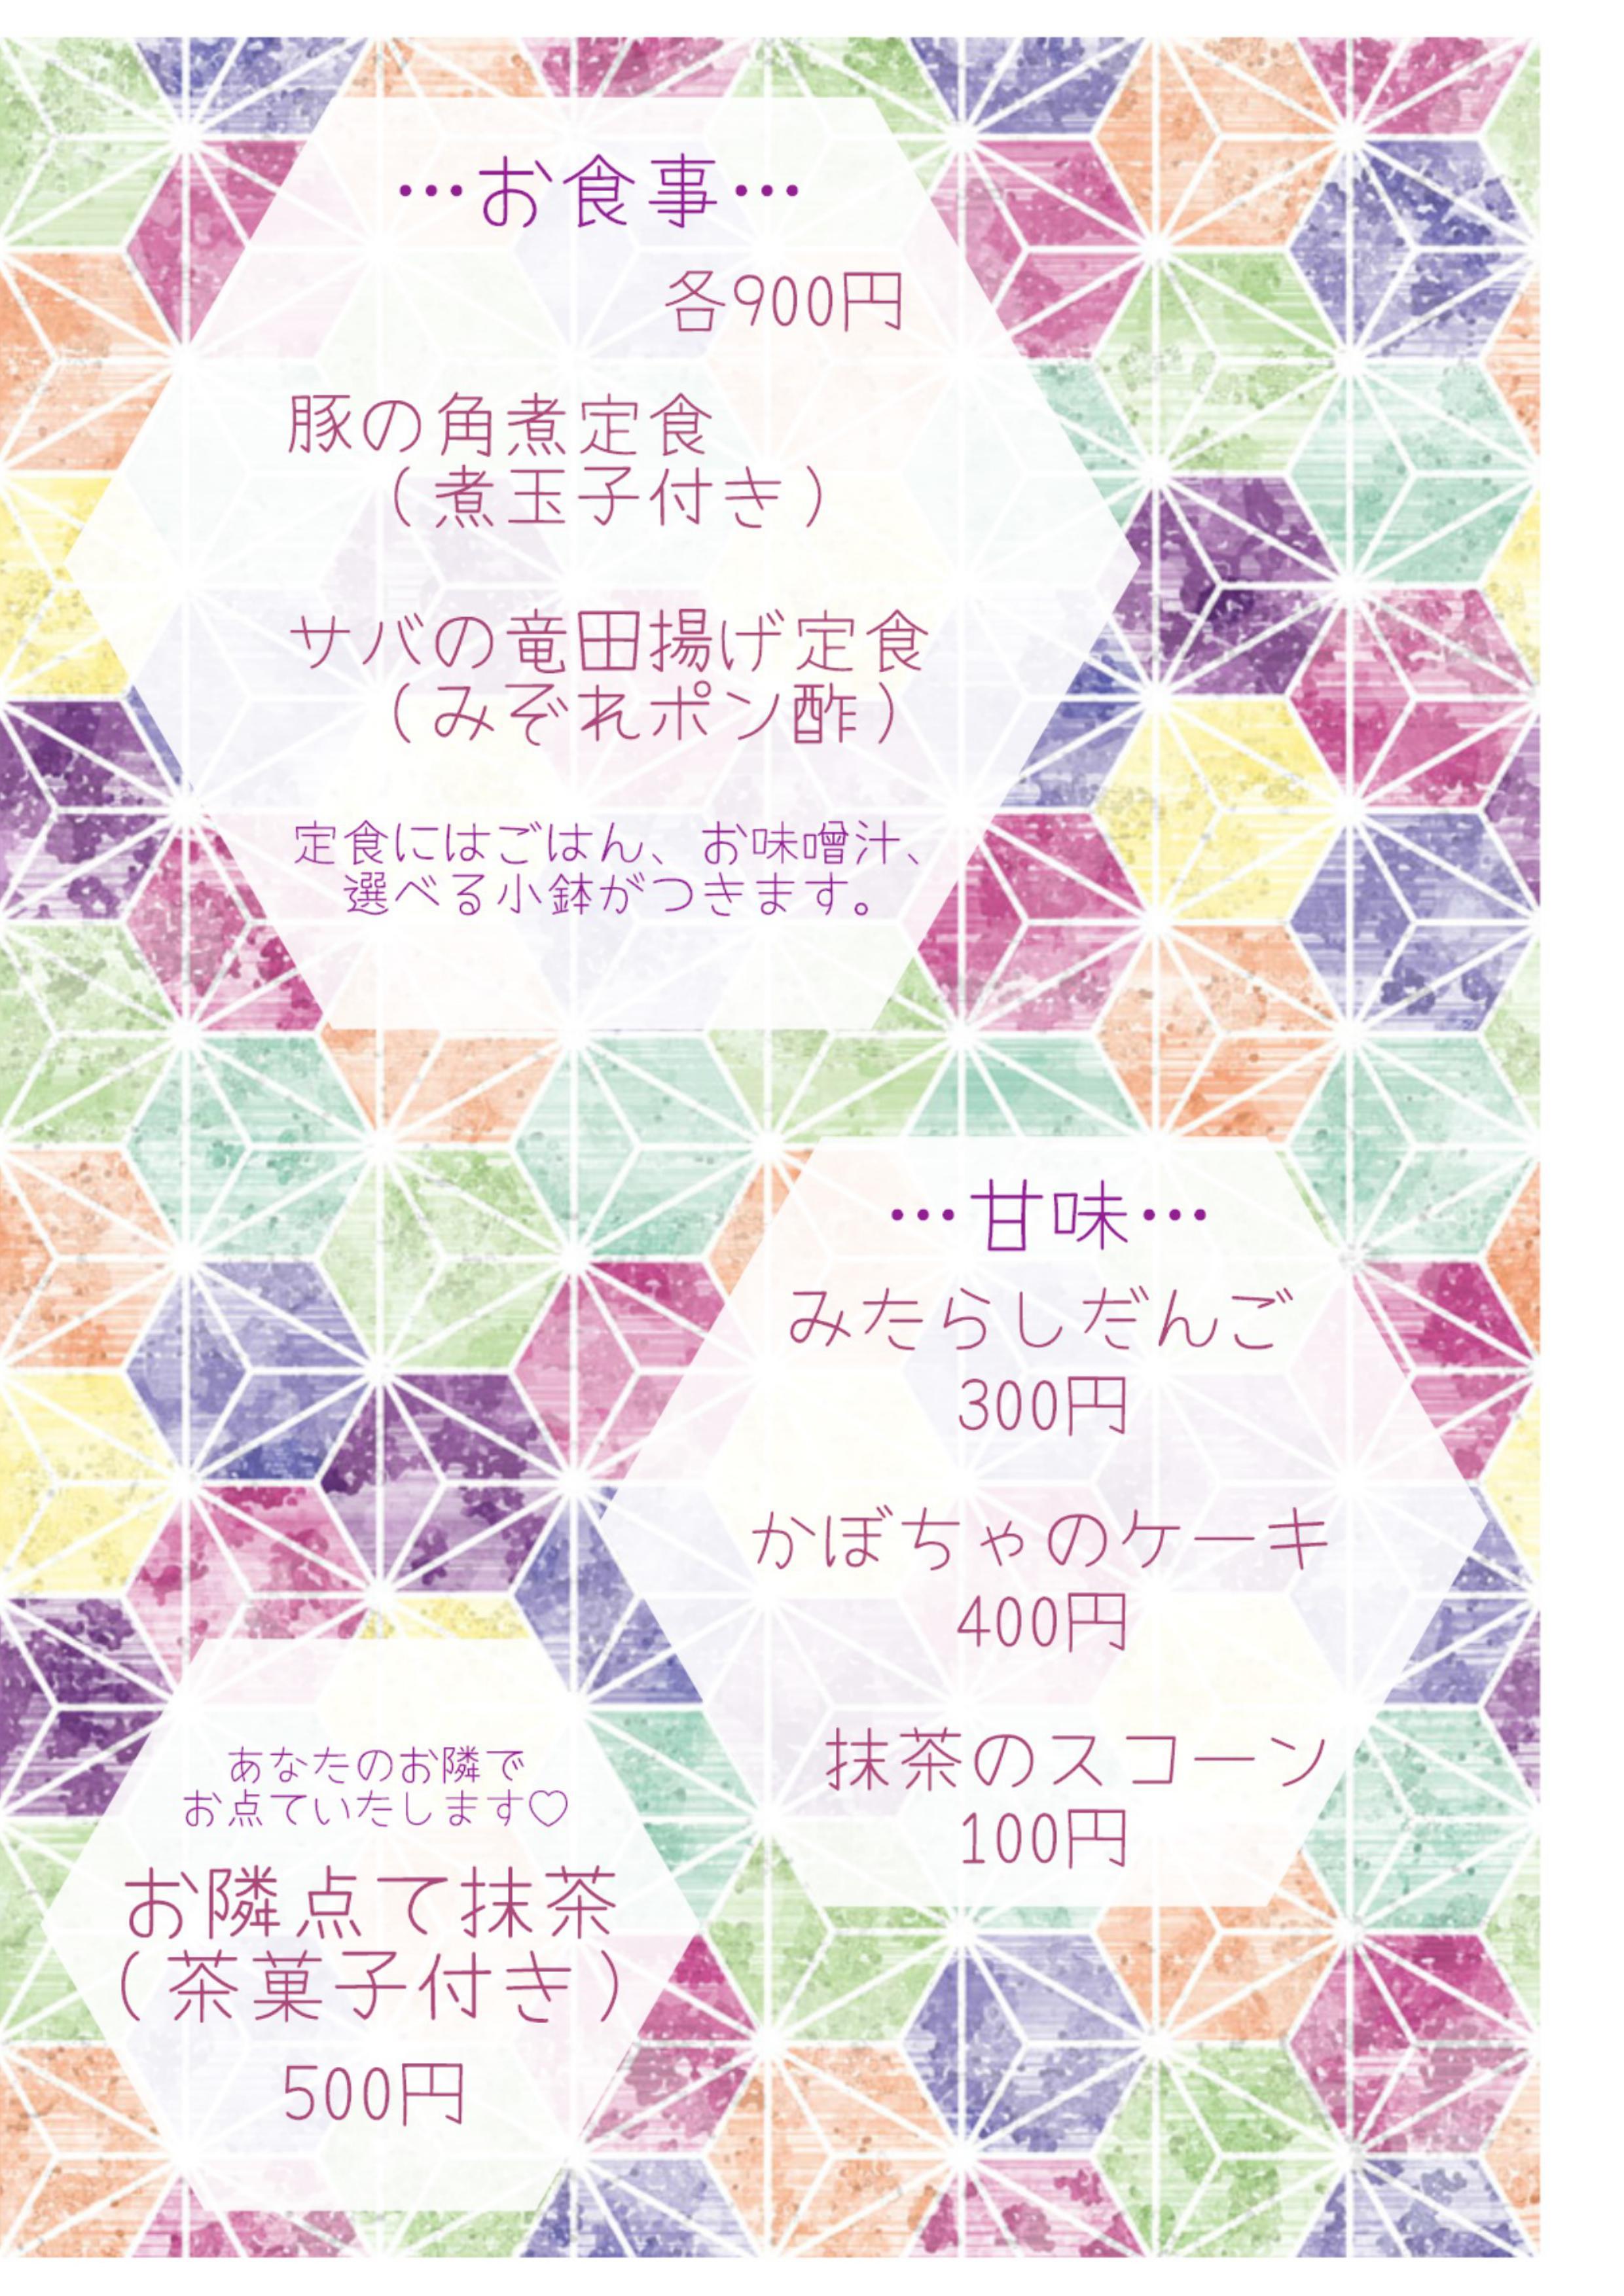 201610130438578f6.jpg